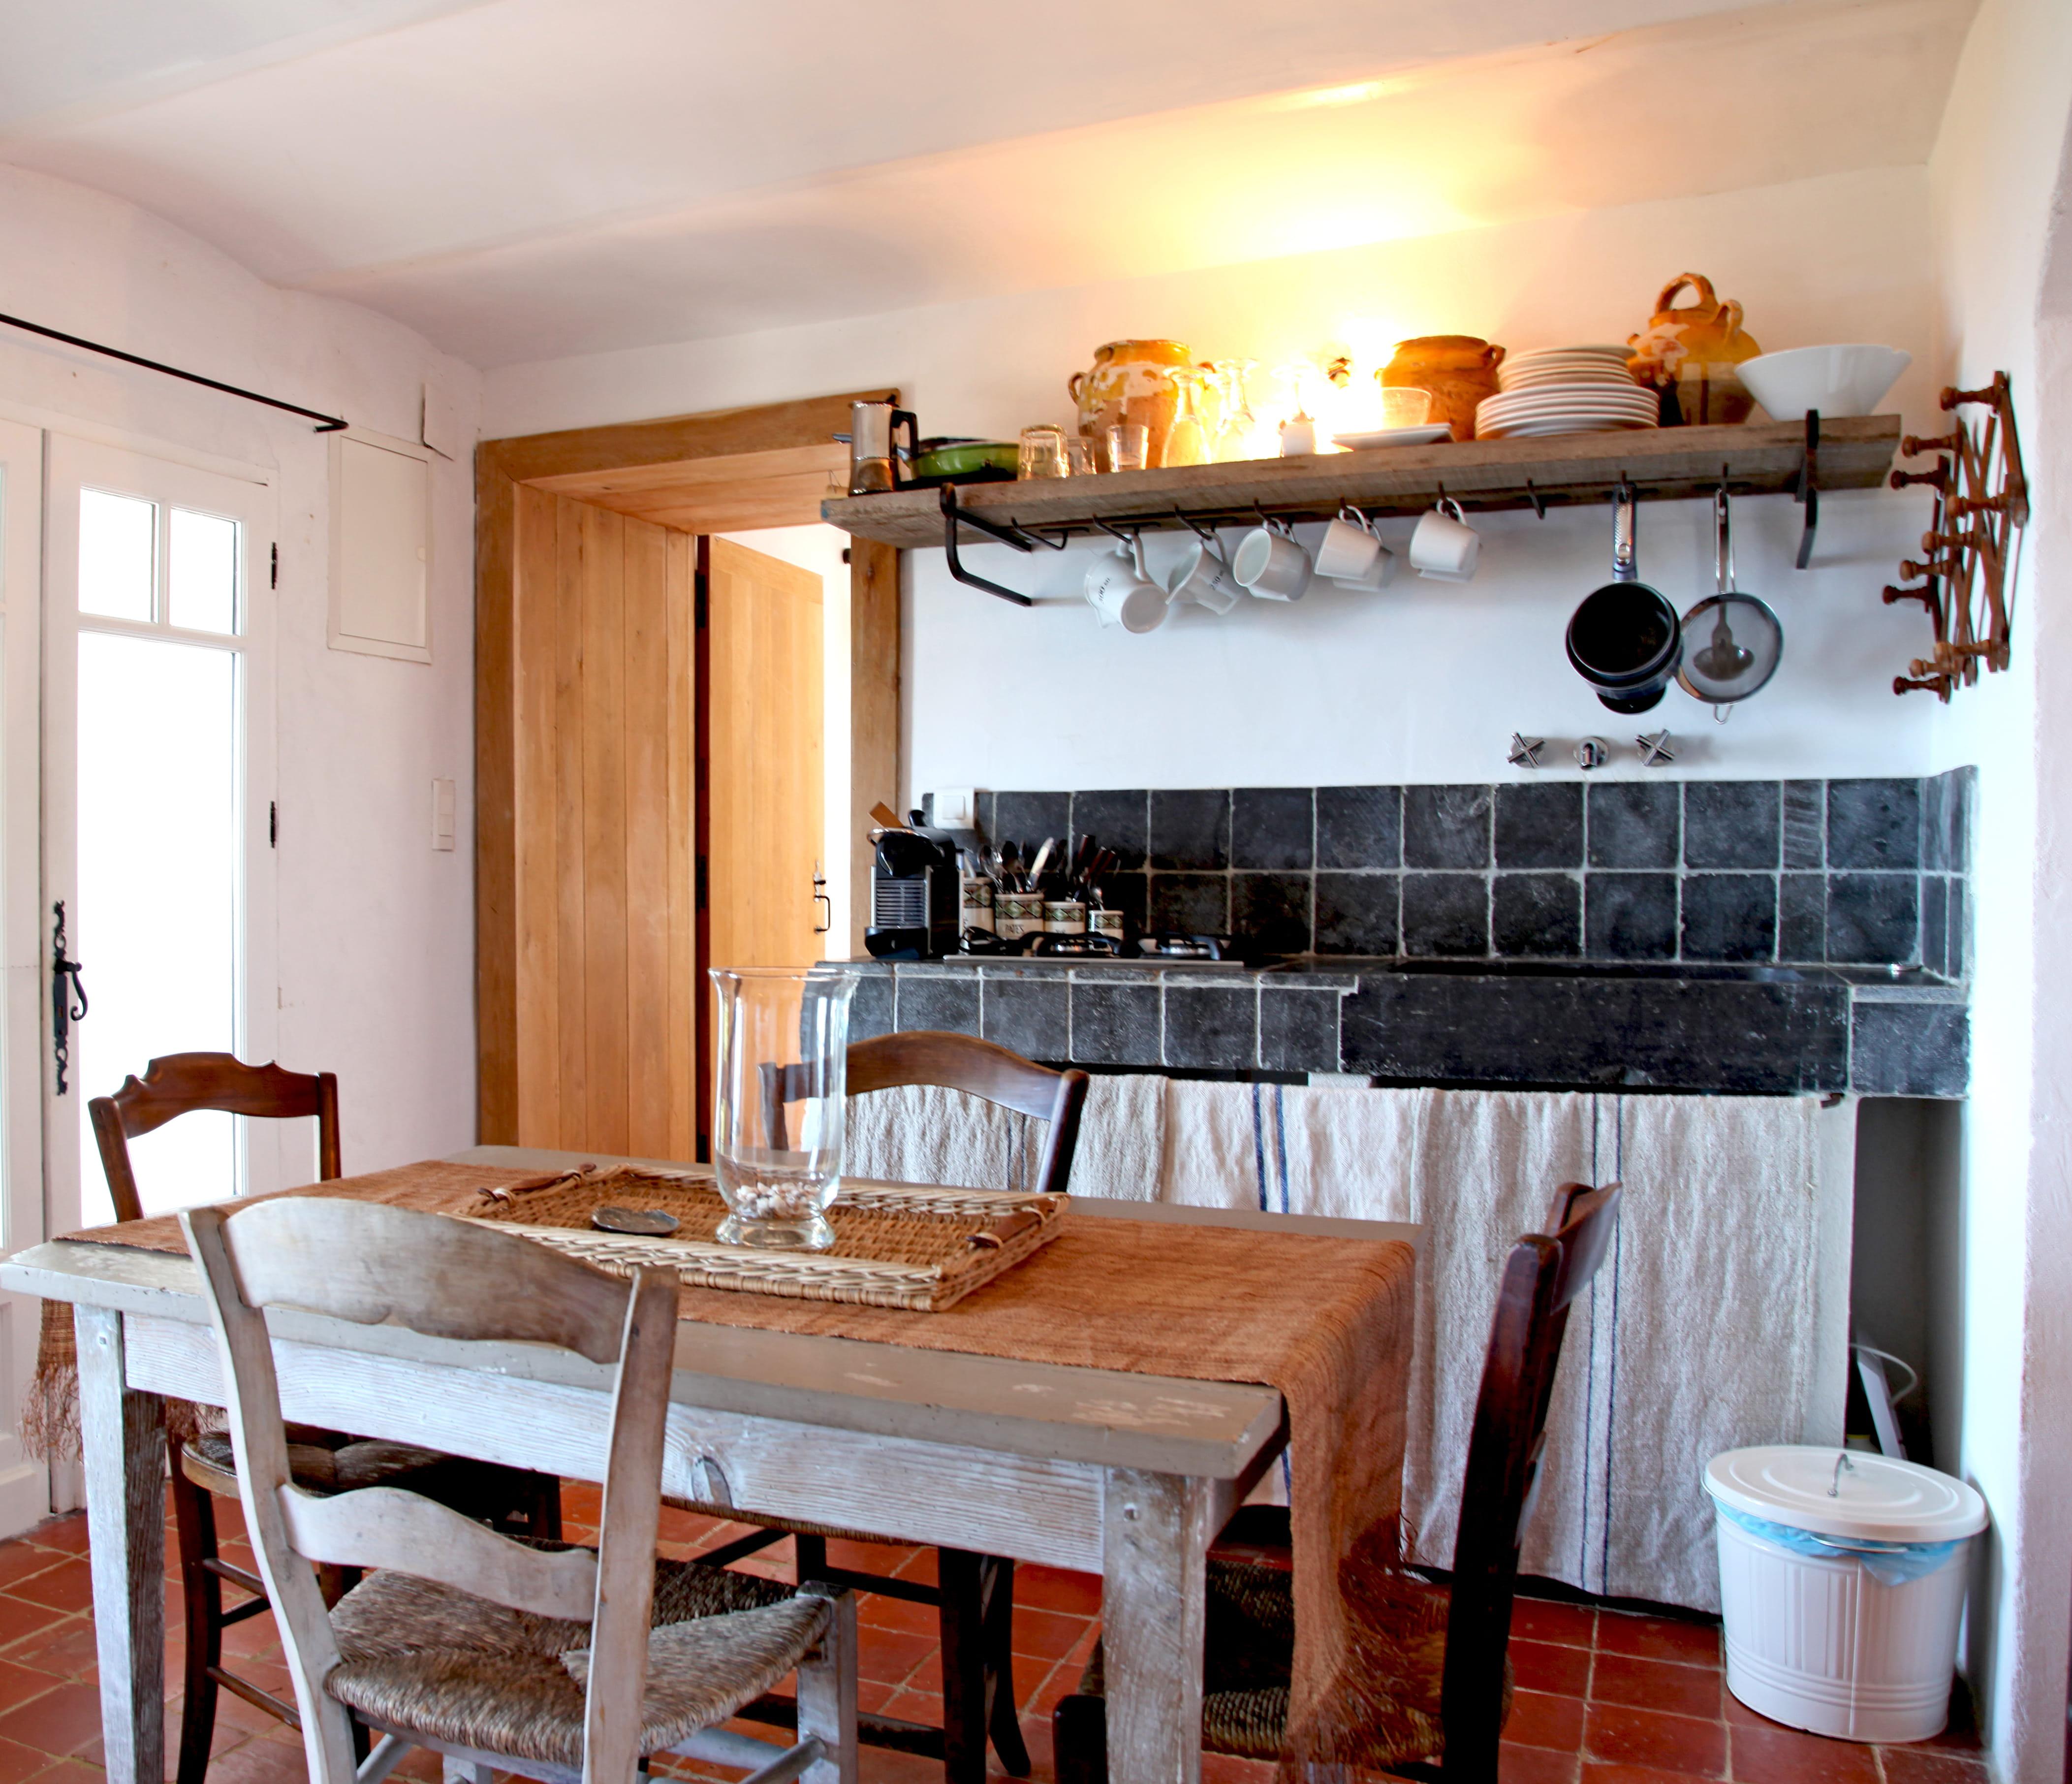 18 id es pour une petite cuisine optimis e et fonctionnelle - Cuisine dans petit espace ...